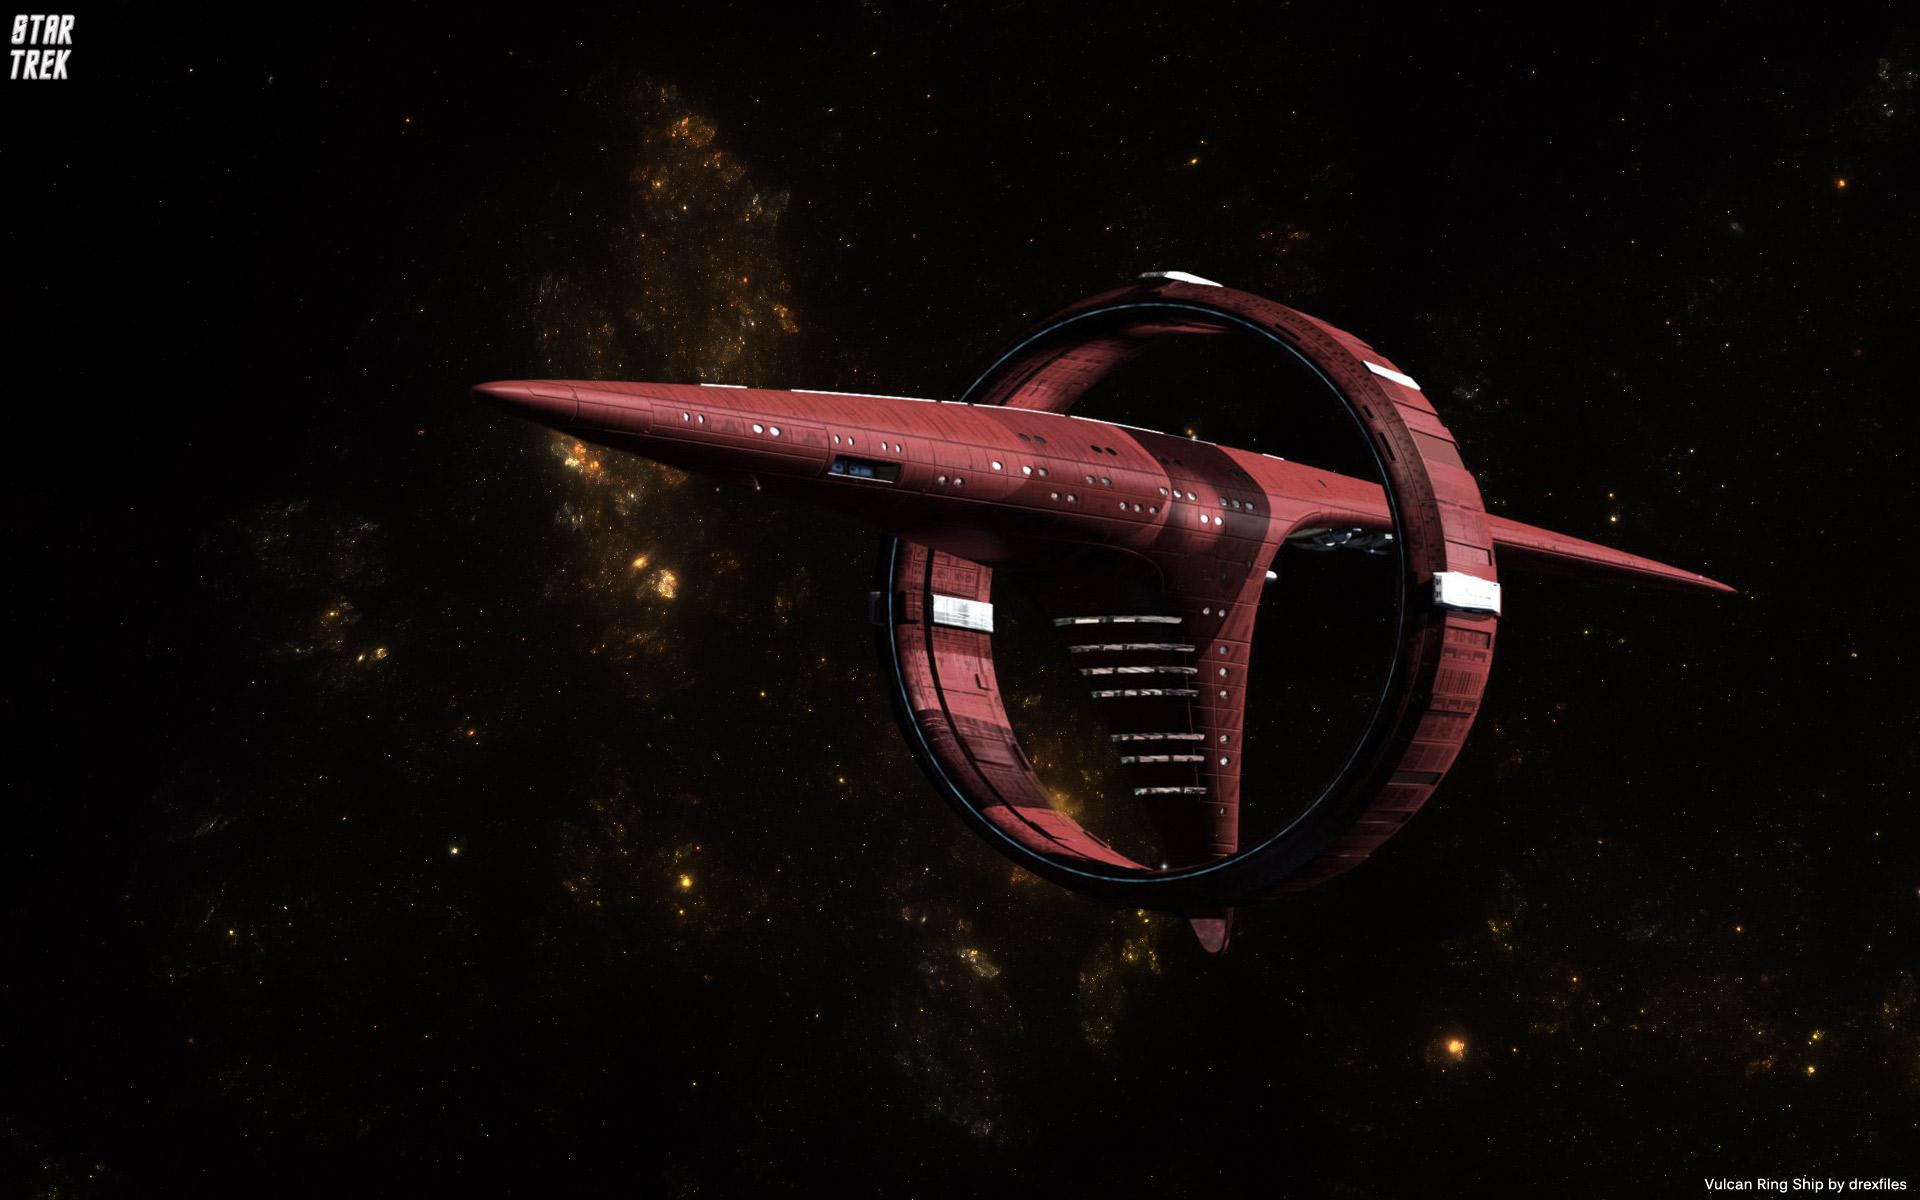 Star Trek Vulcan Ships wallpaper   910851 1920x1200